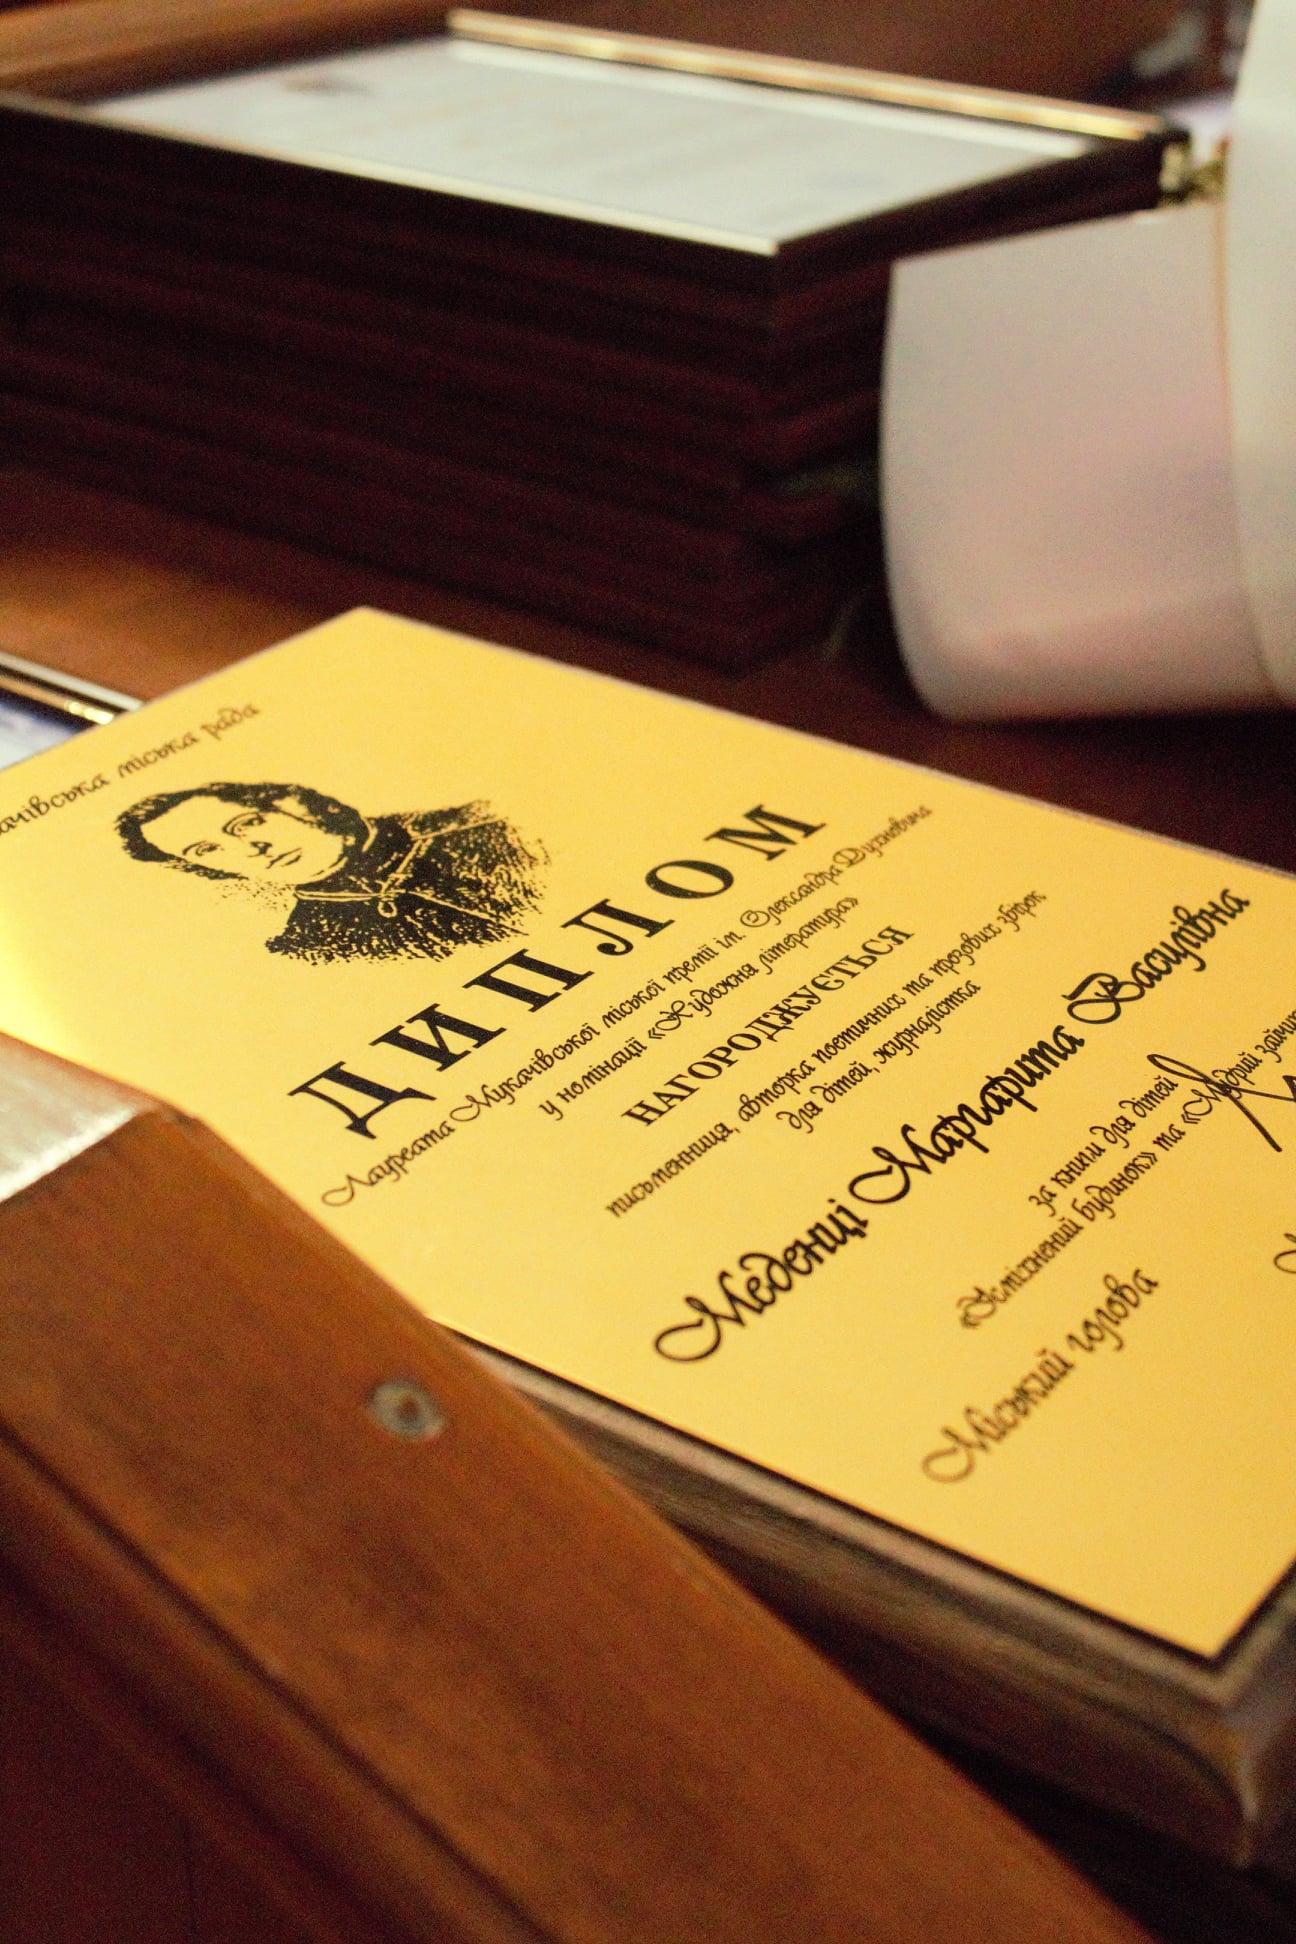 Сьогодні на початку засідання чергової сесії Мукачівської міської ради відбулася офіційна церемонія вручення Мукачівської міської премії імені Олександра Духновича.